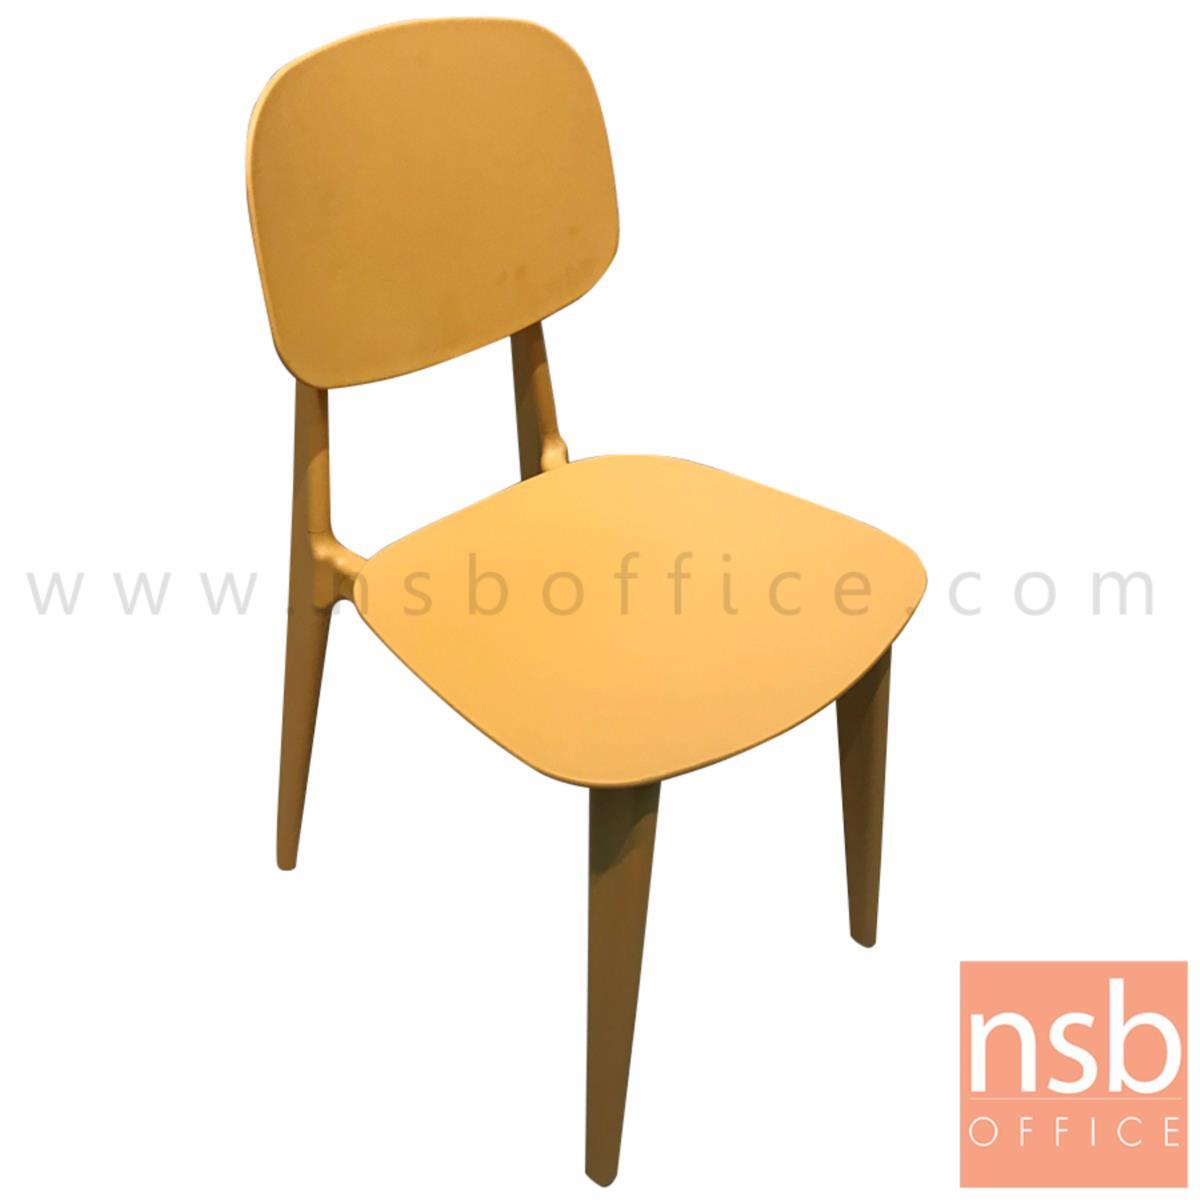 เก้าอี้โมเดิร์นพลาสติกล้วน รุ่น Worthington (เวิร์ธธิงตัน) ขนาด 42W cm.